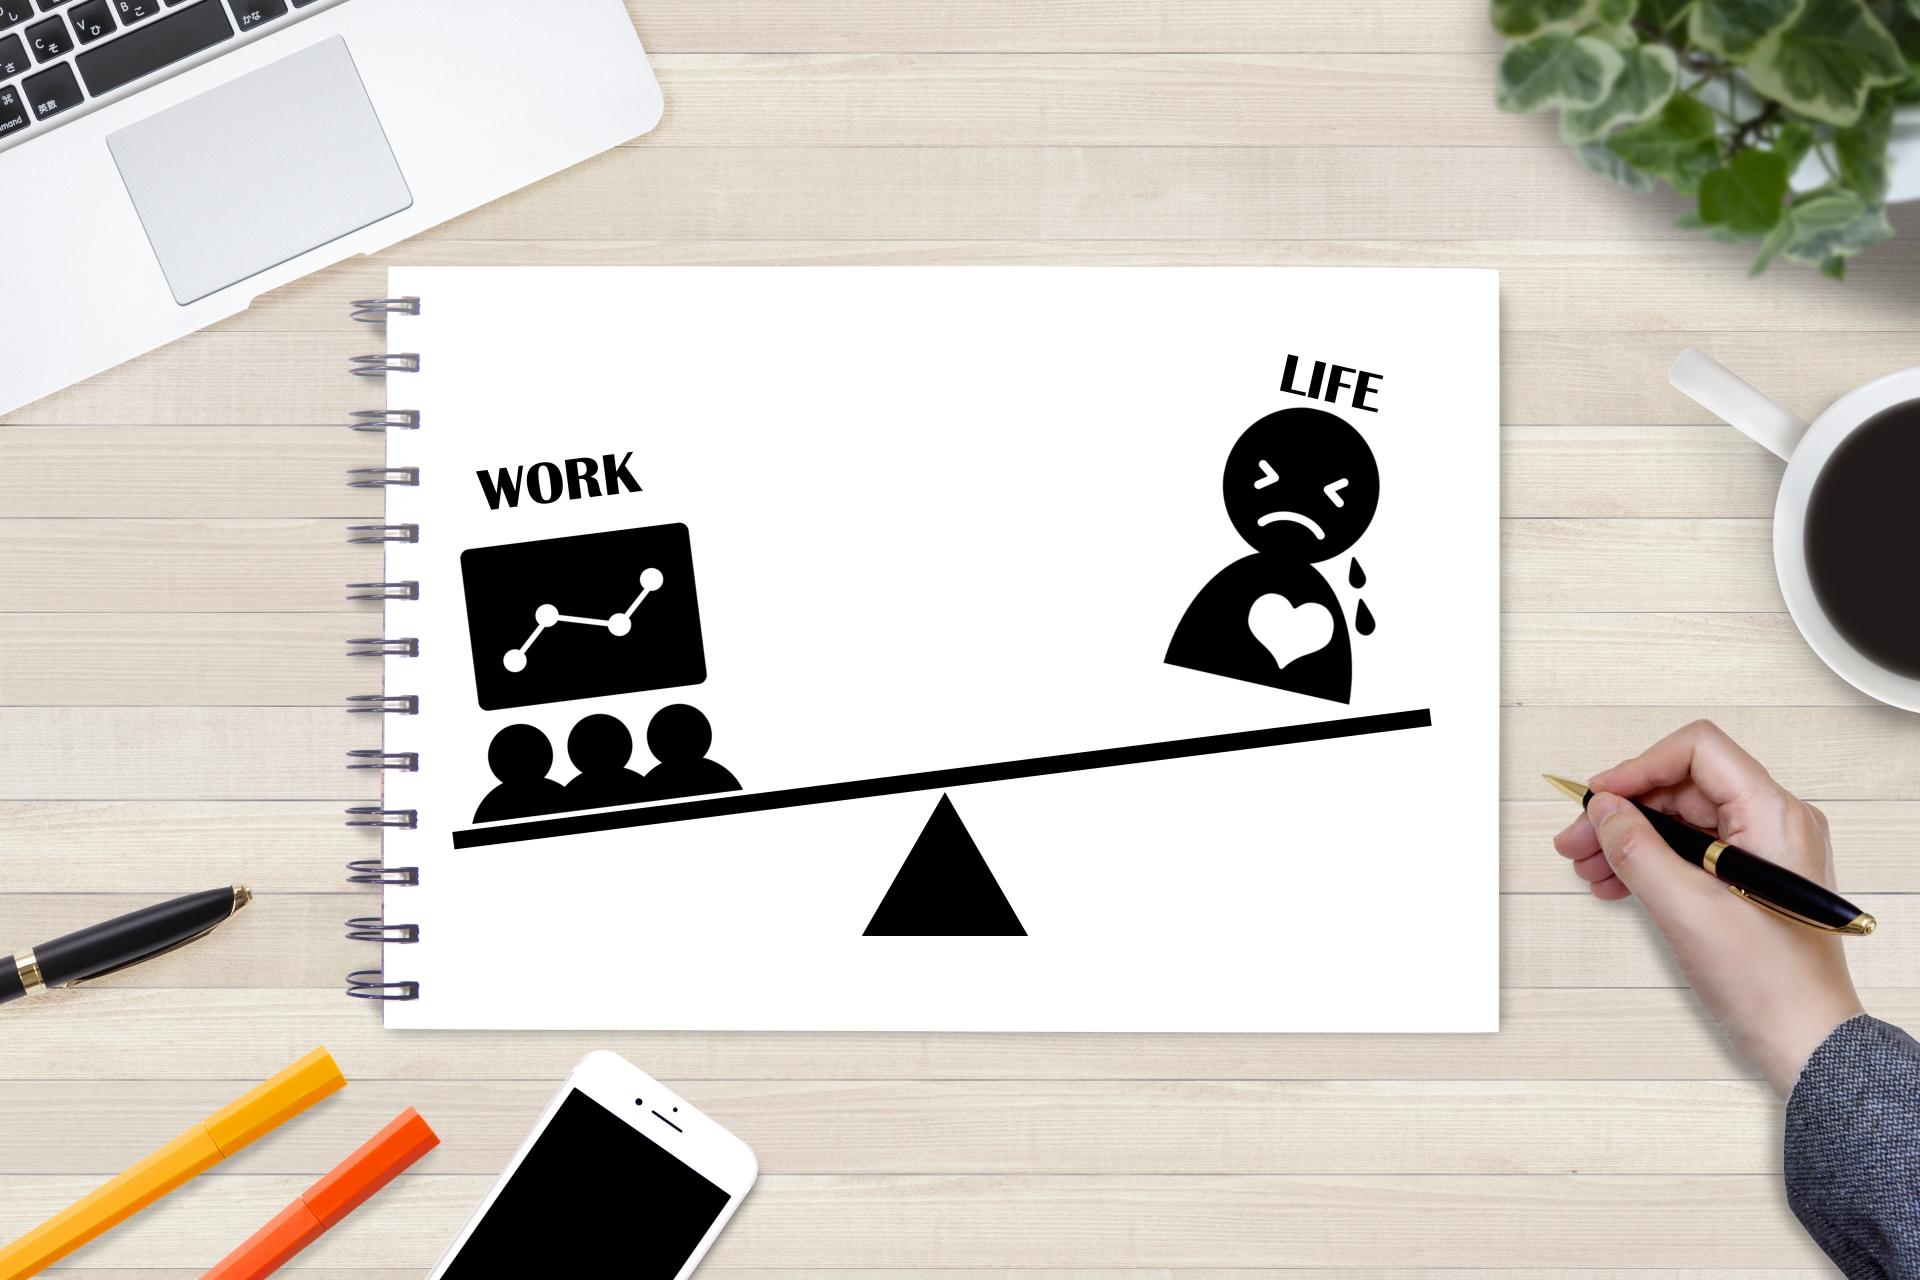 「法定福利厚生」とは?従業員の安心に欠かせない必須の制度